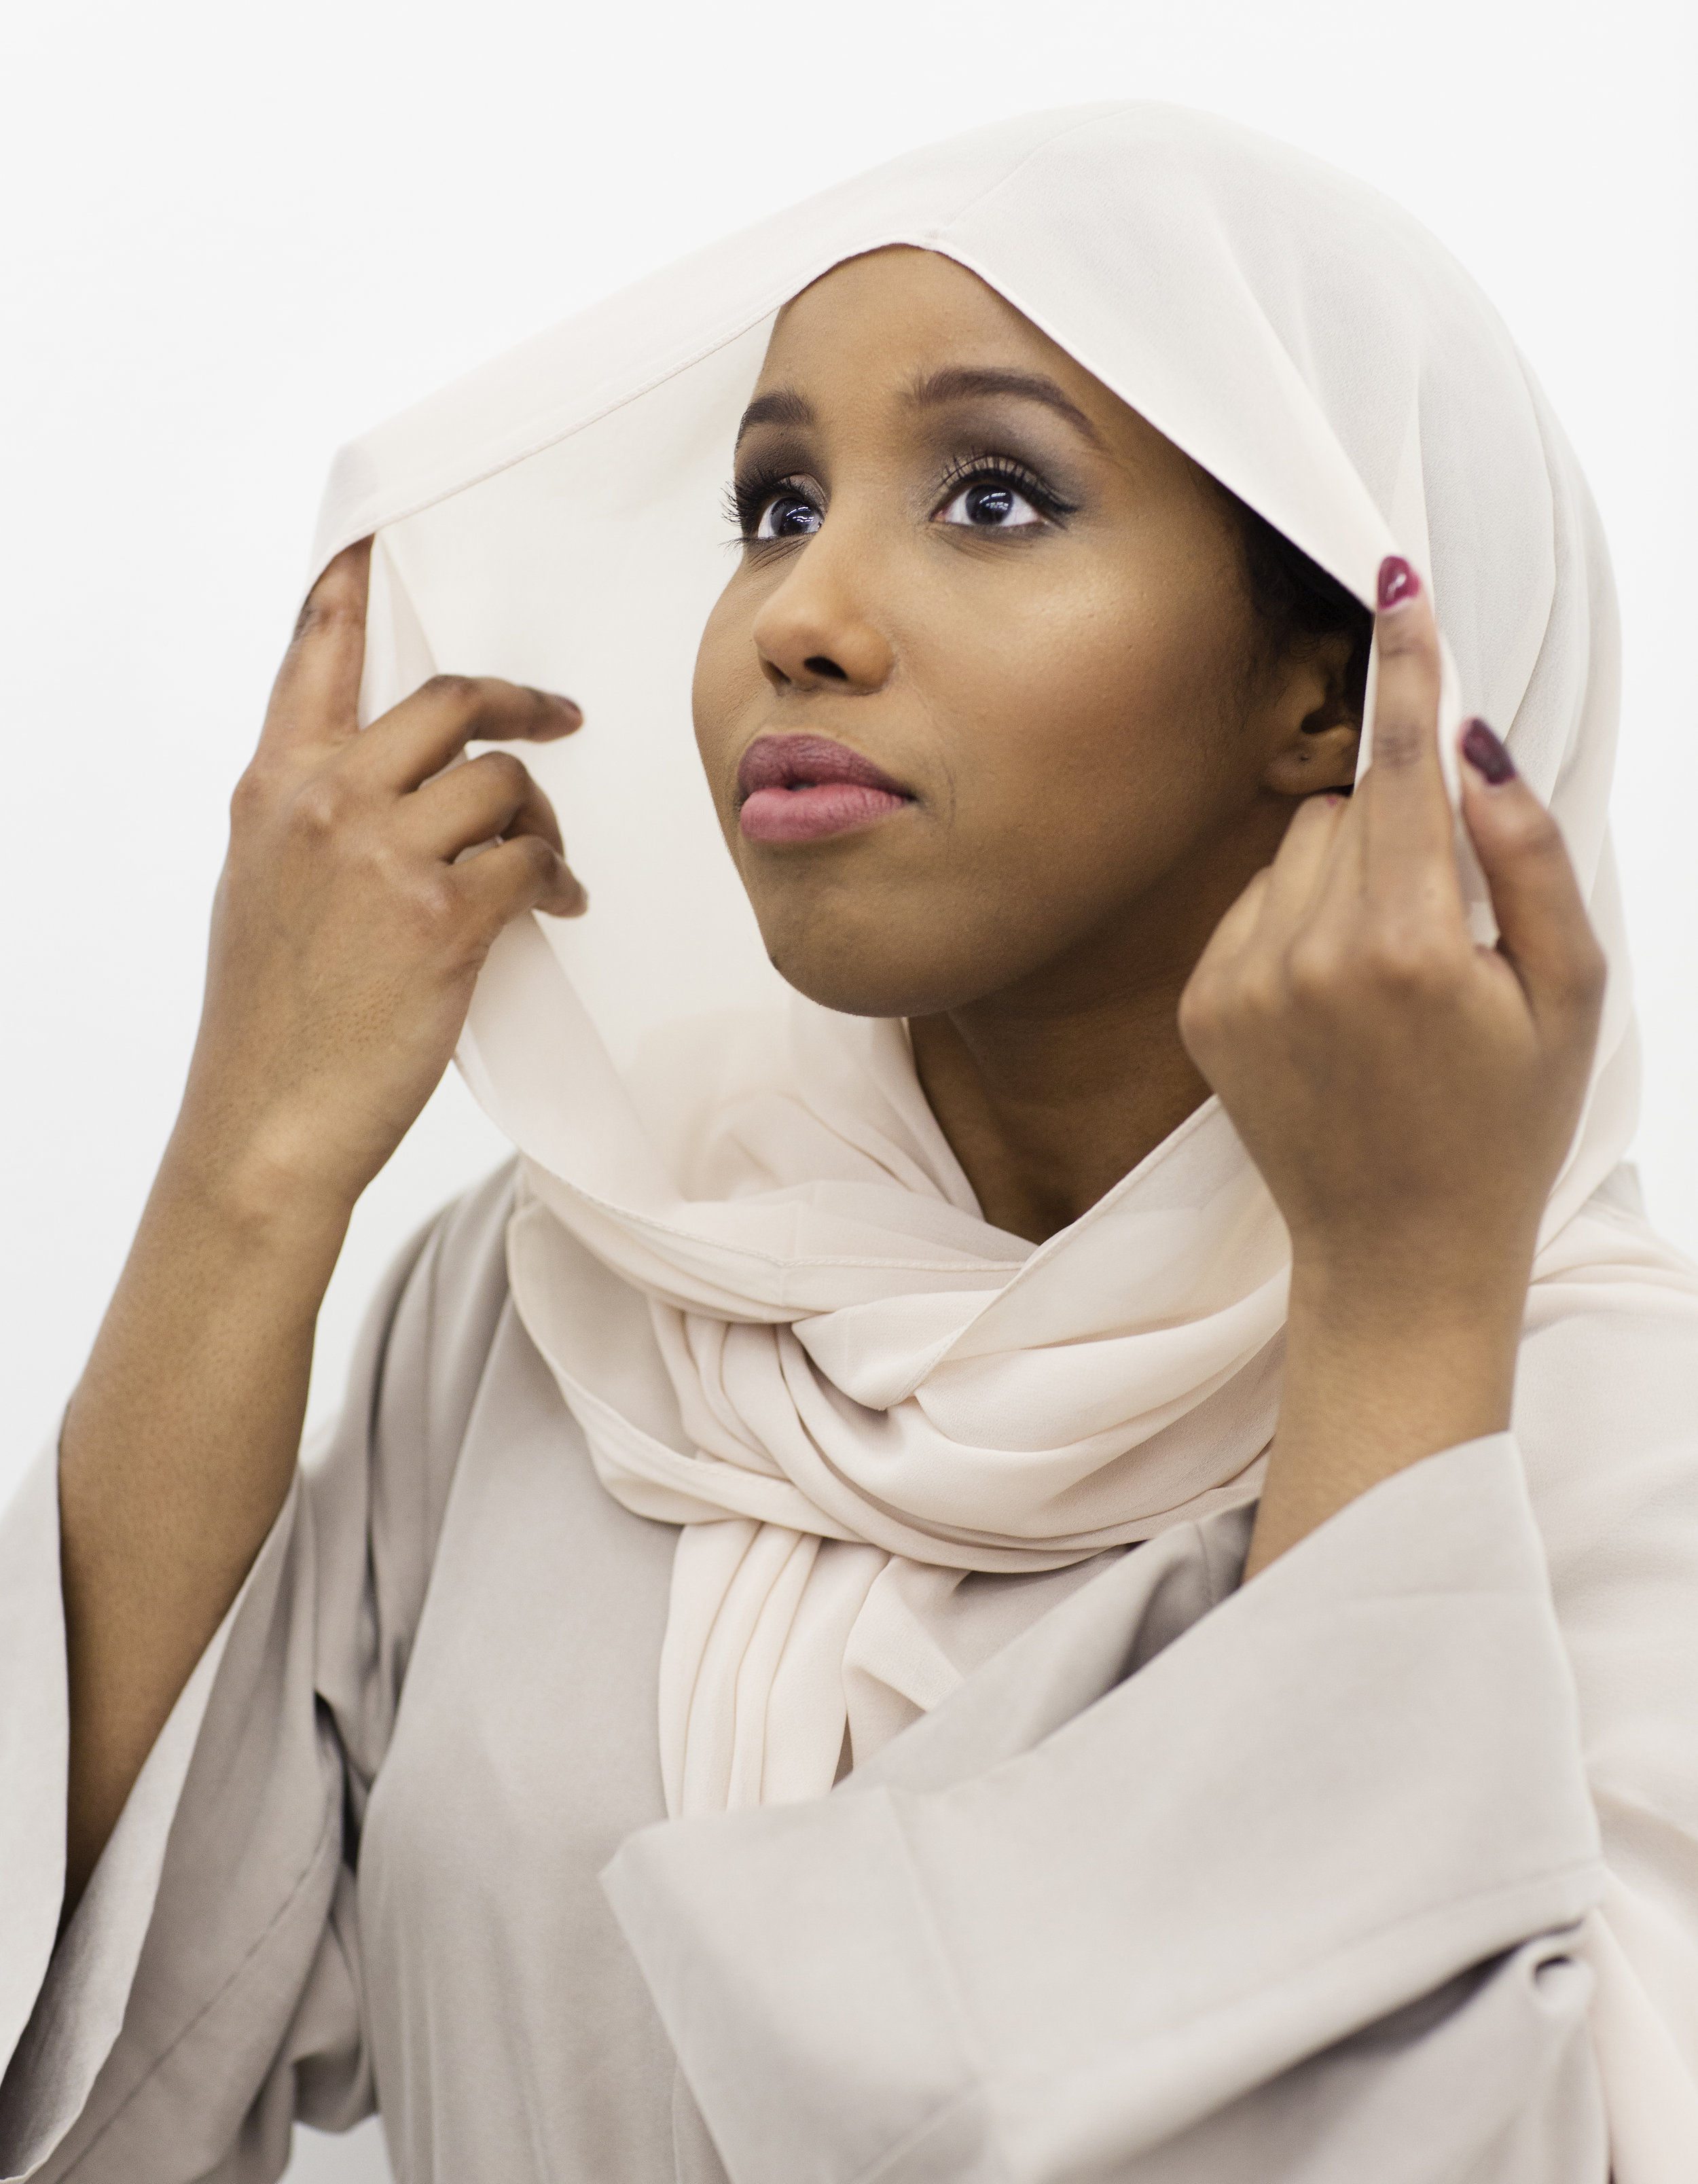 hijabistas__MG_4901_160618_EBE.jpg